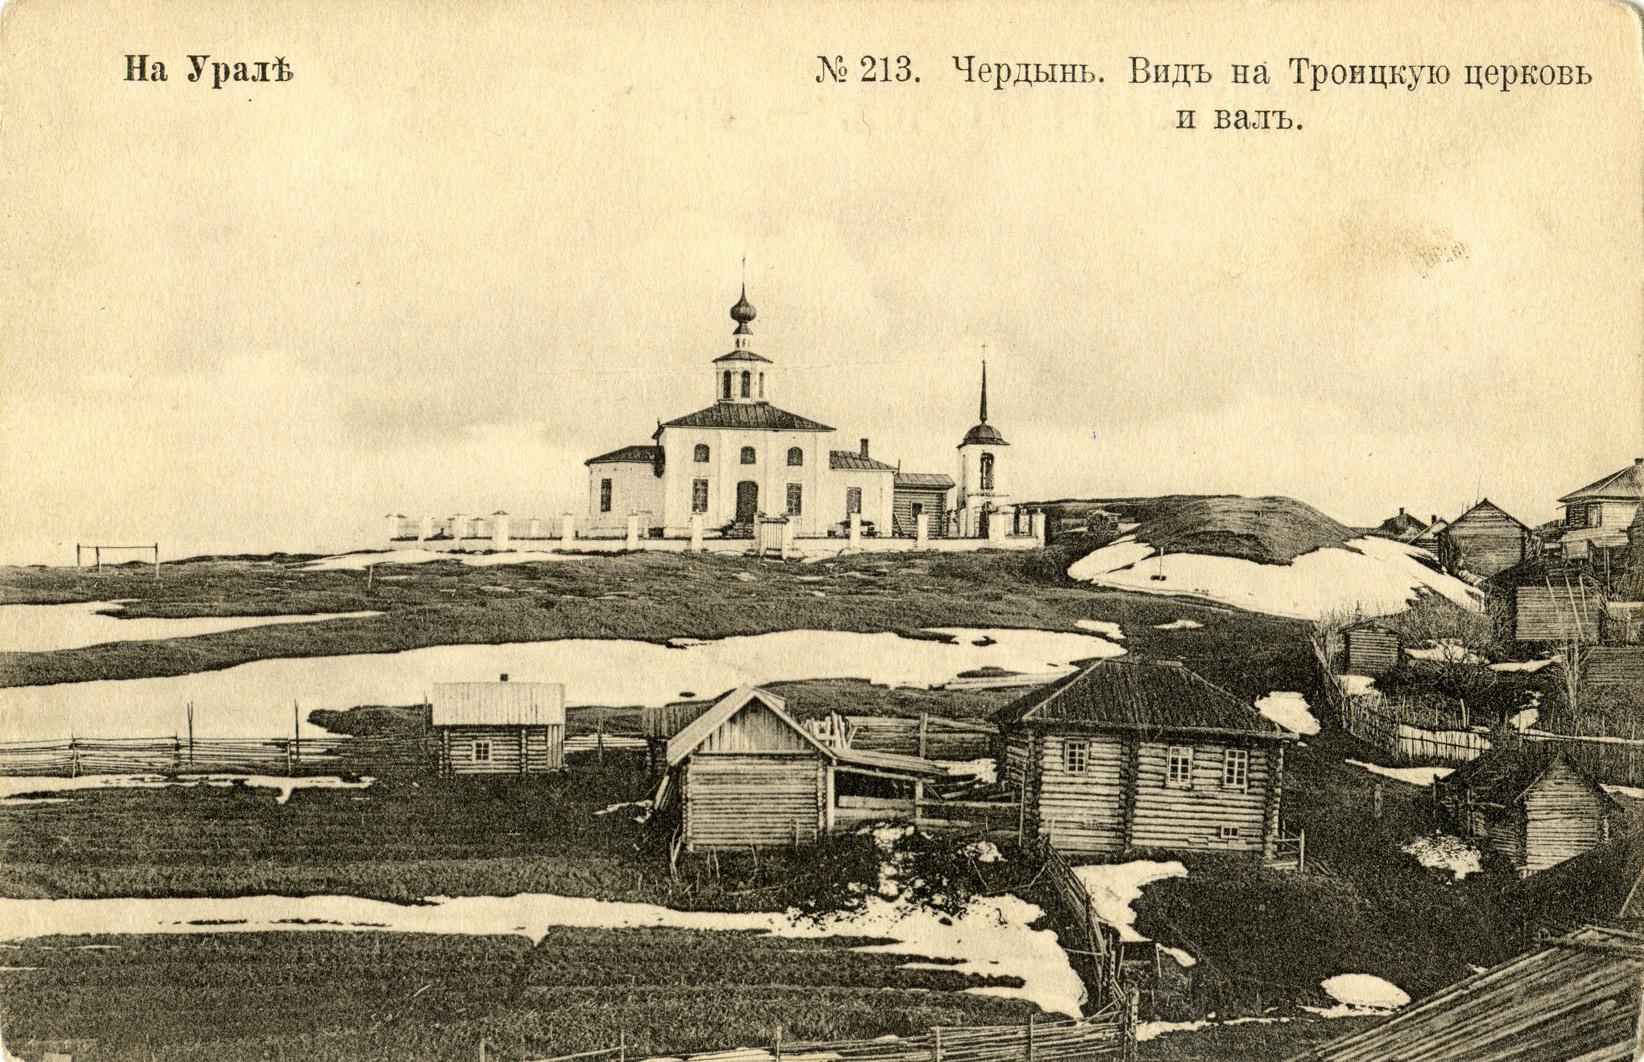 Вид на Троицкую церковь и вал